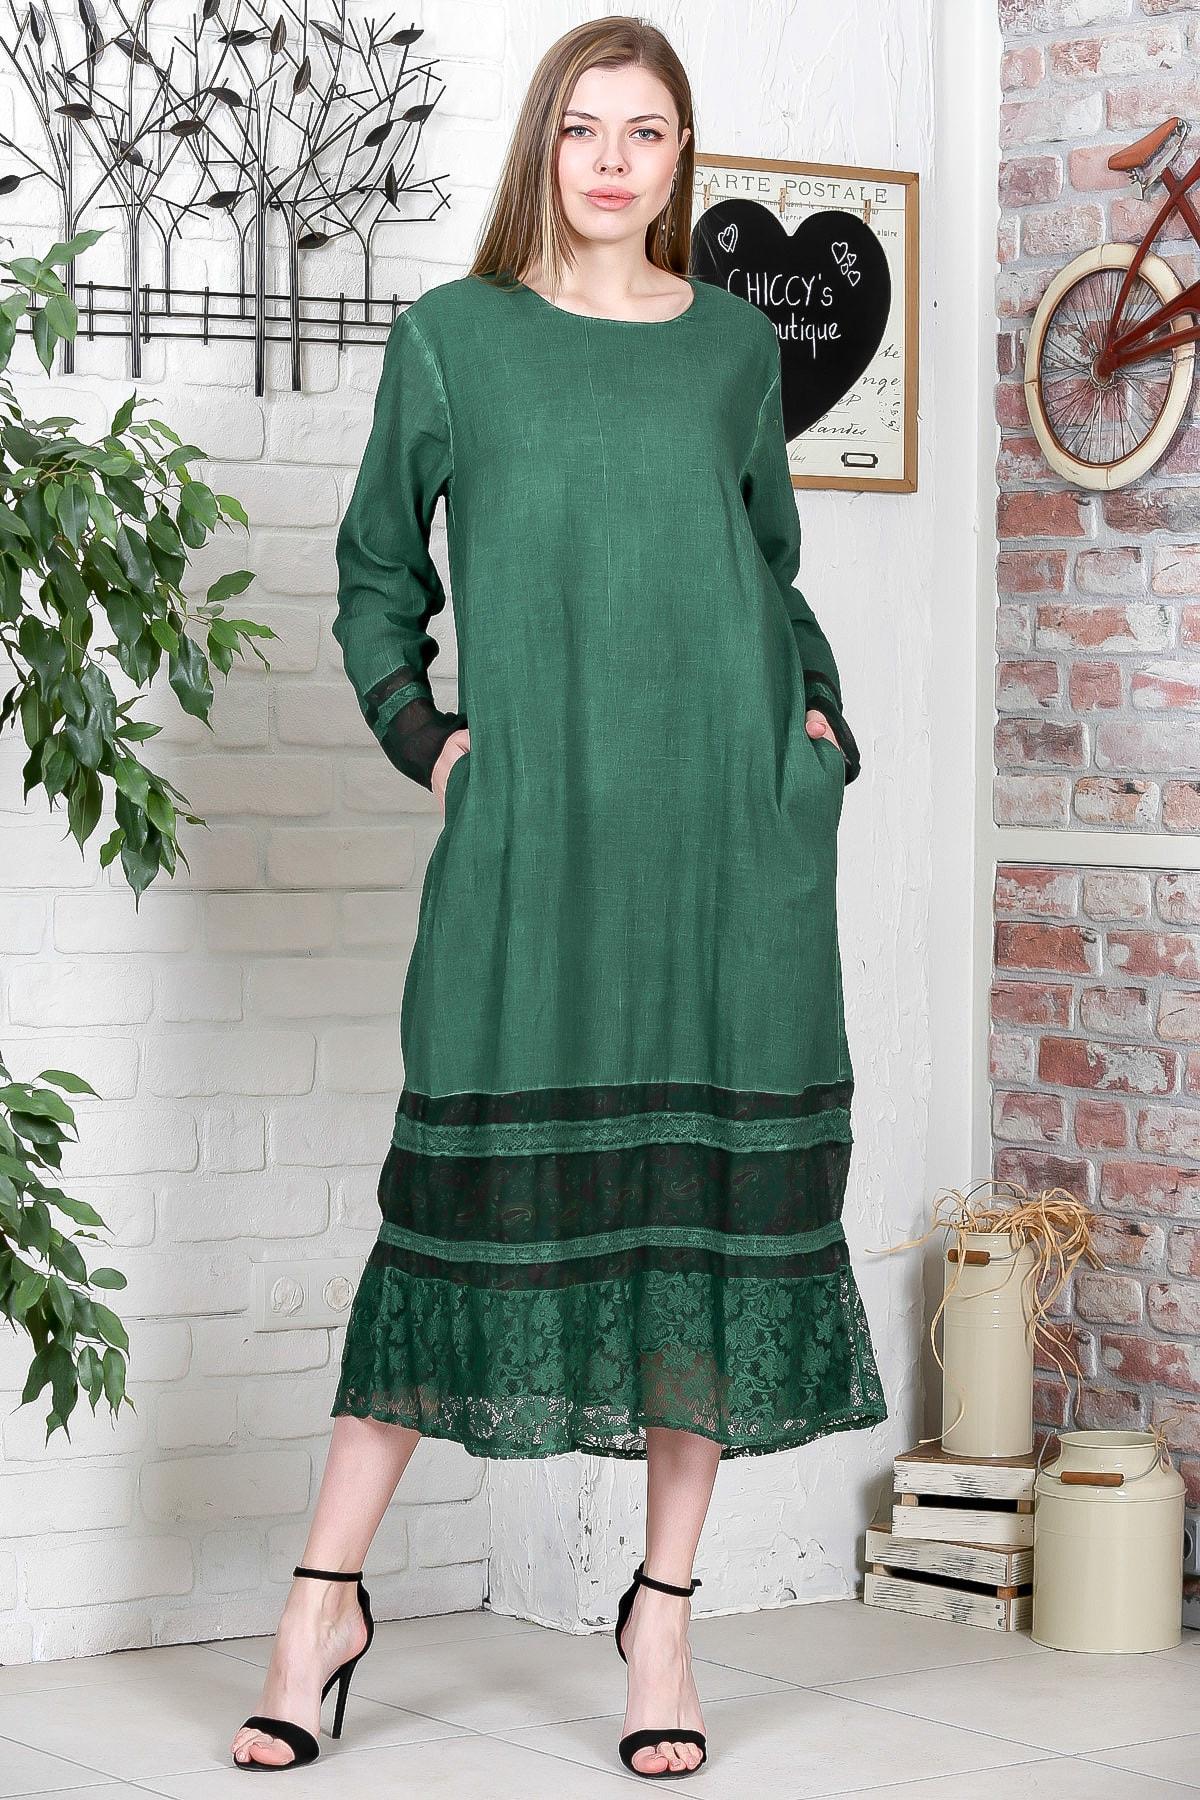 Chiccy Kadın Yeşil Sıfır Yaka Uzun Kol Etek Ucu Tülbent Kumaş Ve Dantel Bloklu Elbise M10160000EL95260